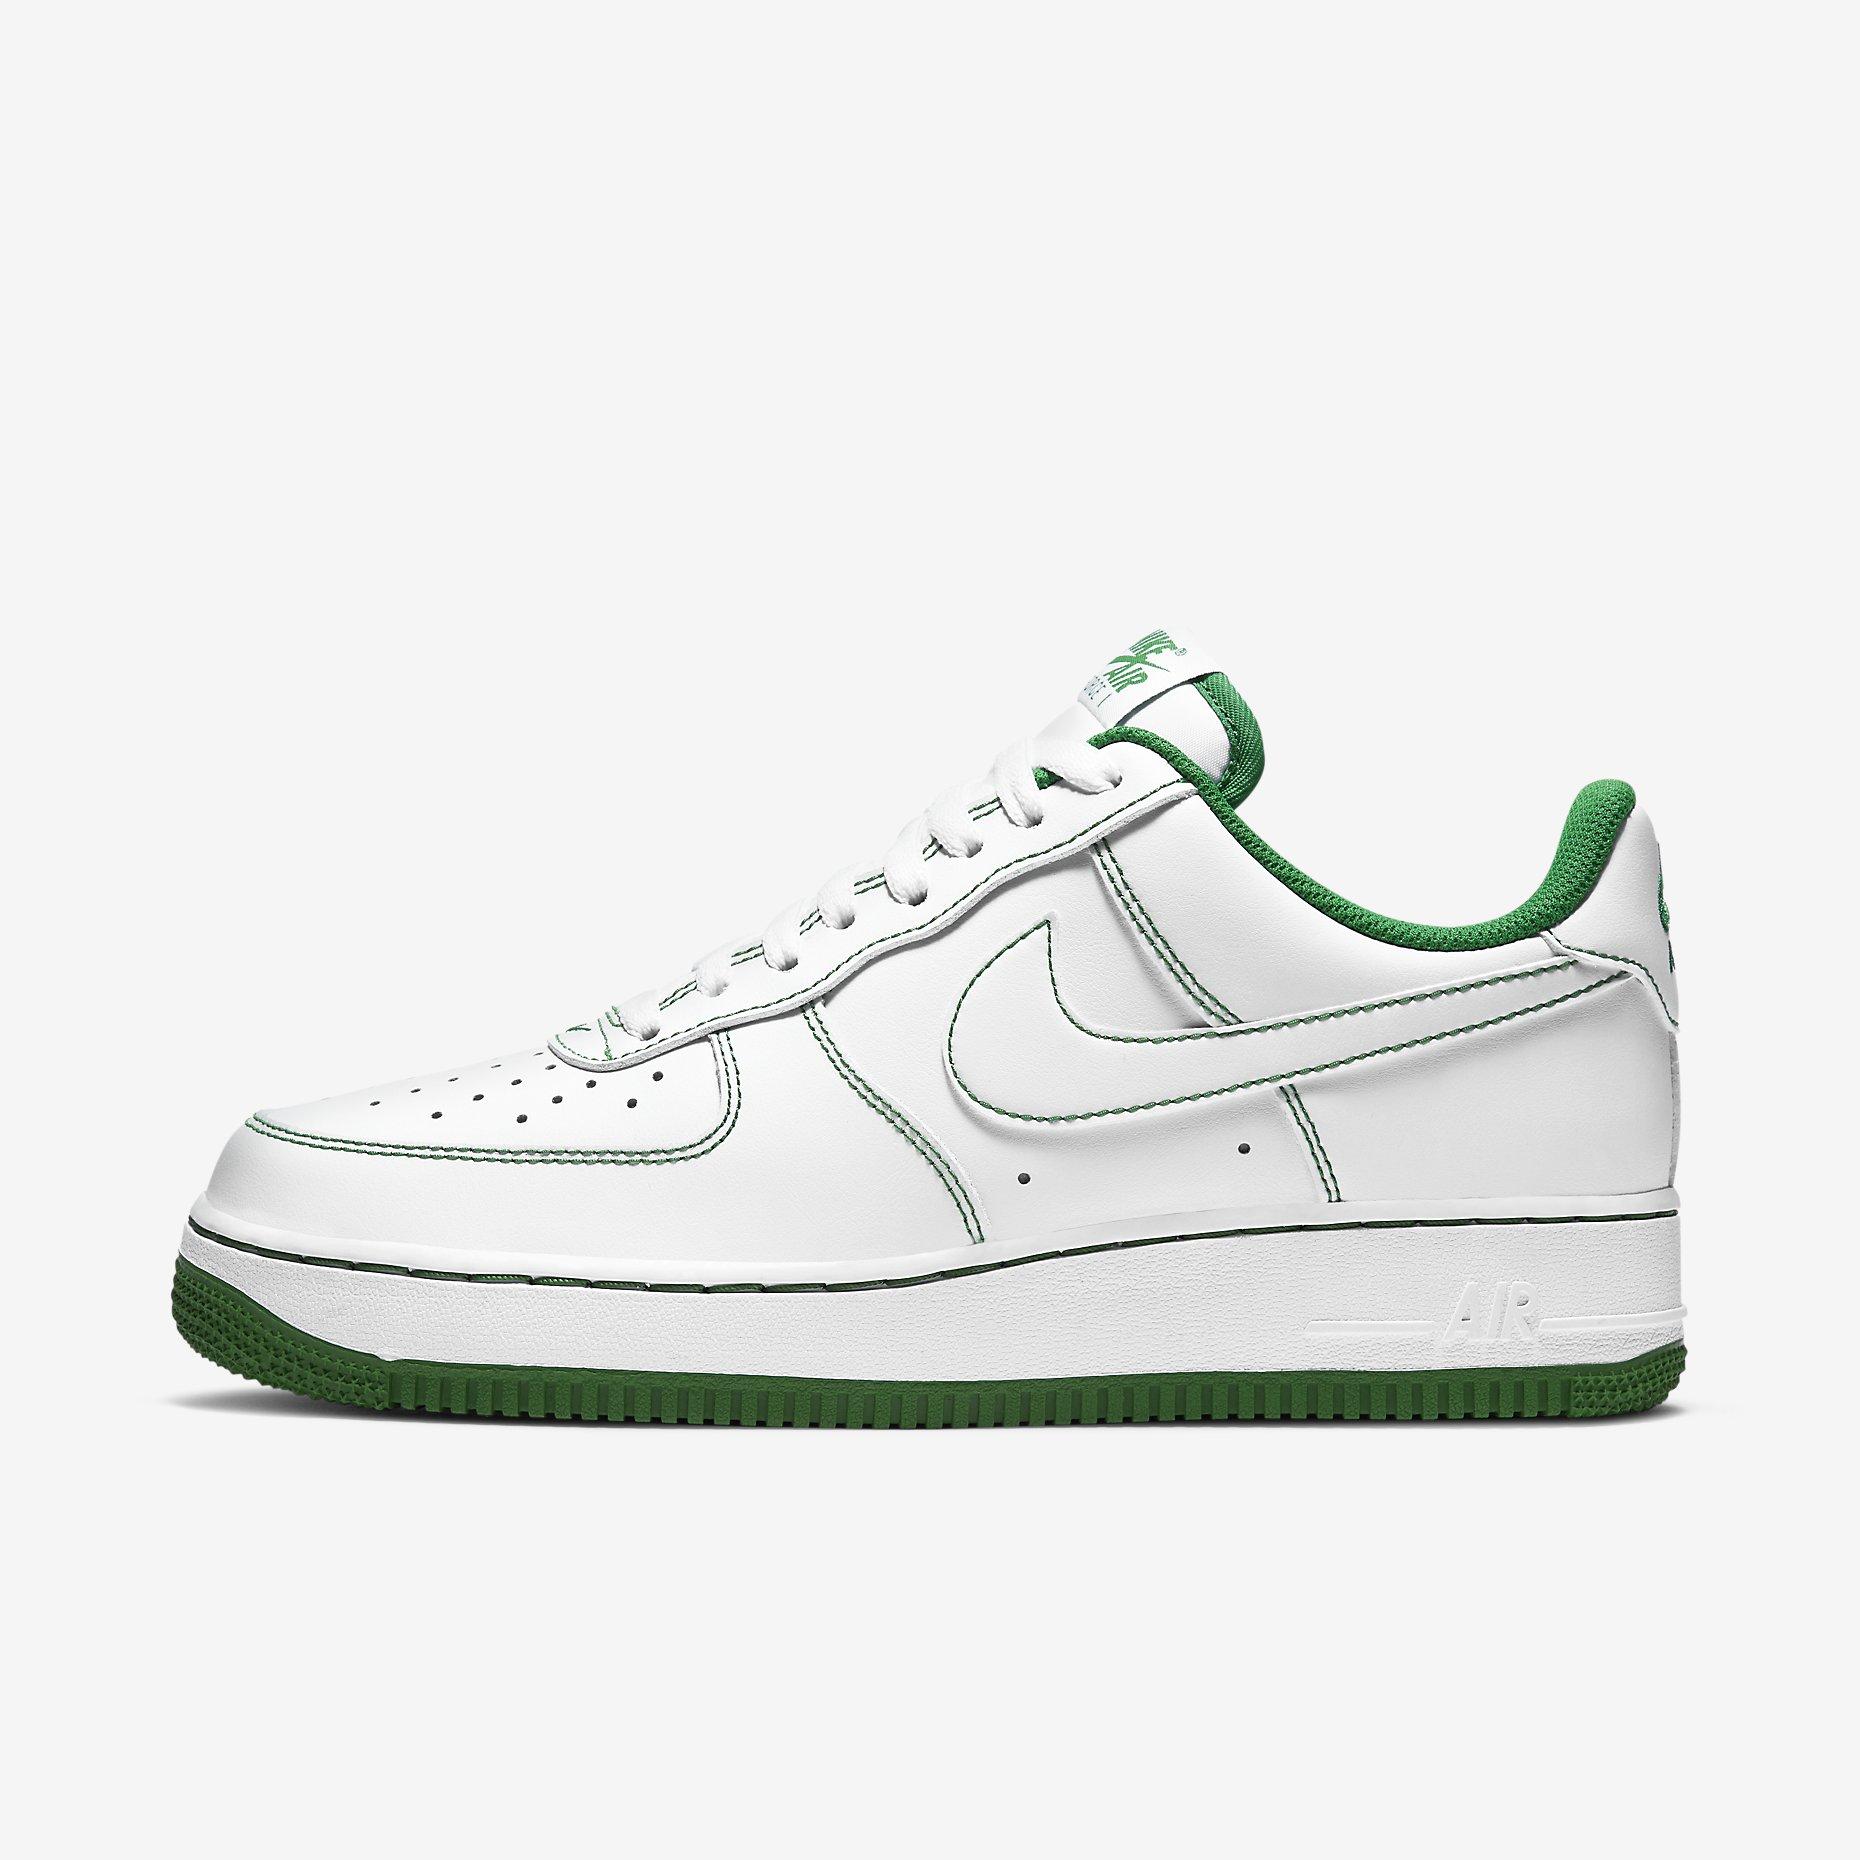 nike-air-force-1-07-white-pine-green-cv1724-1030